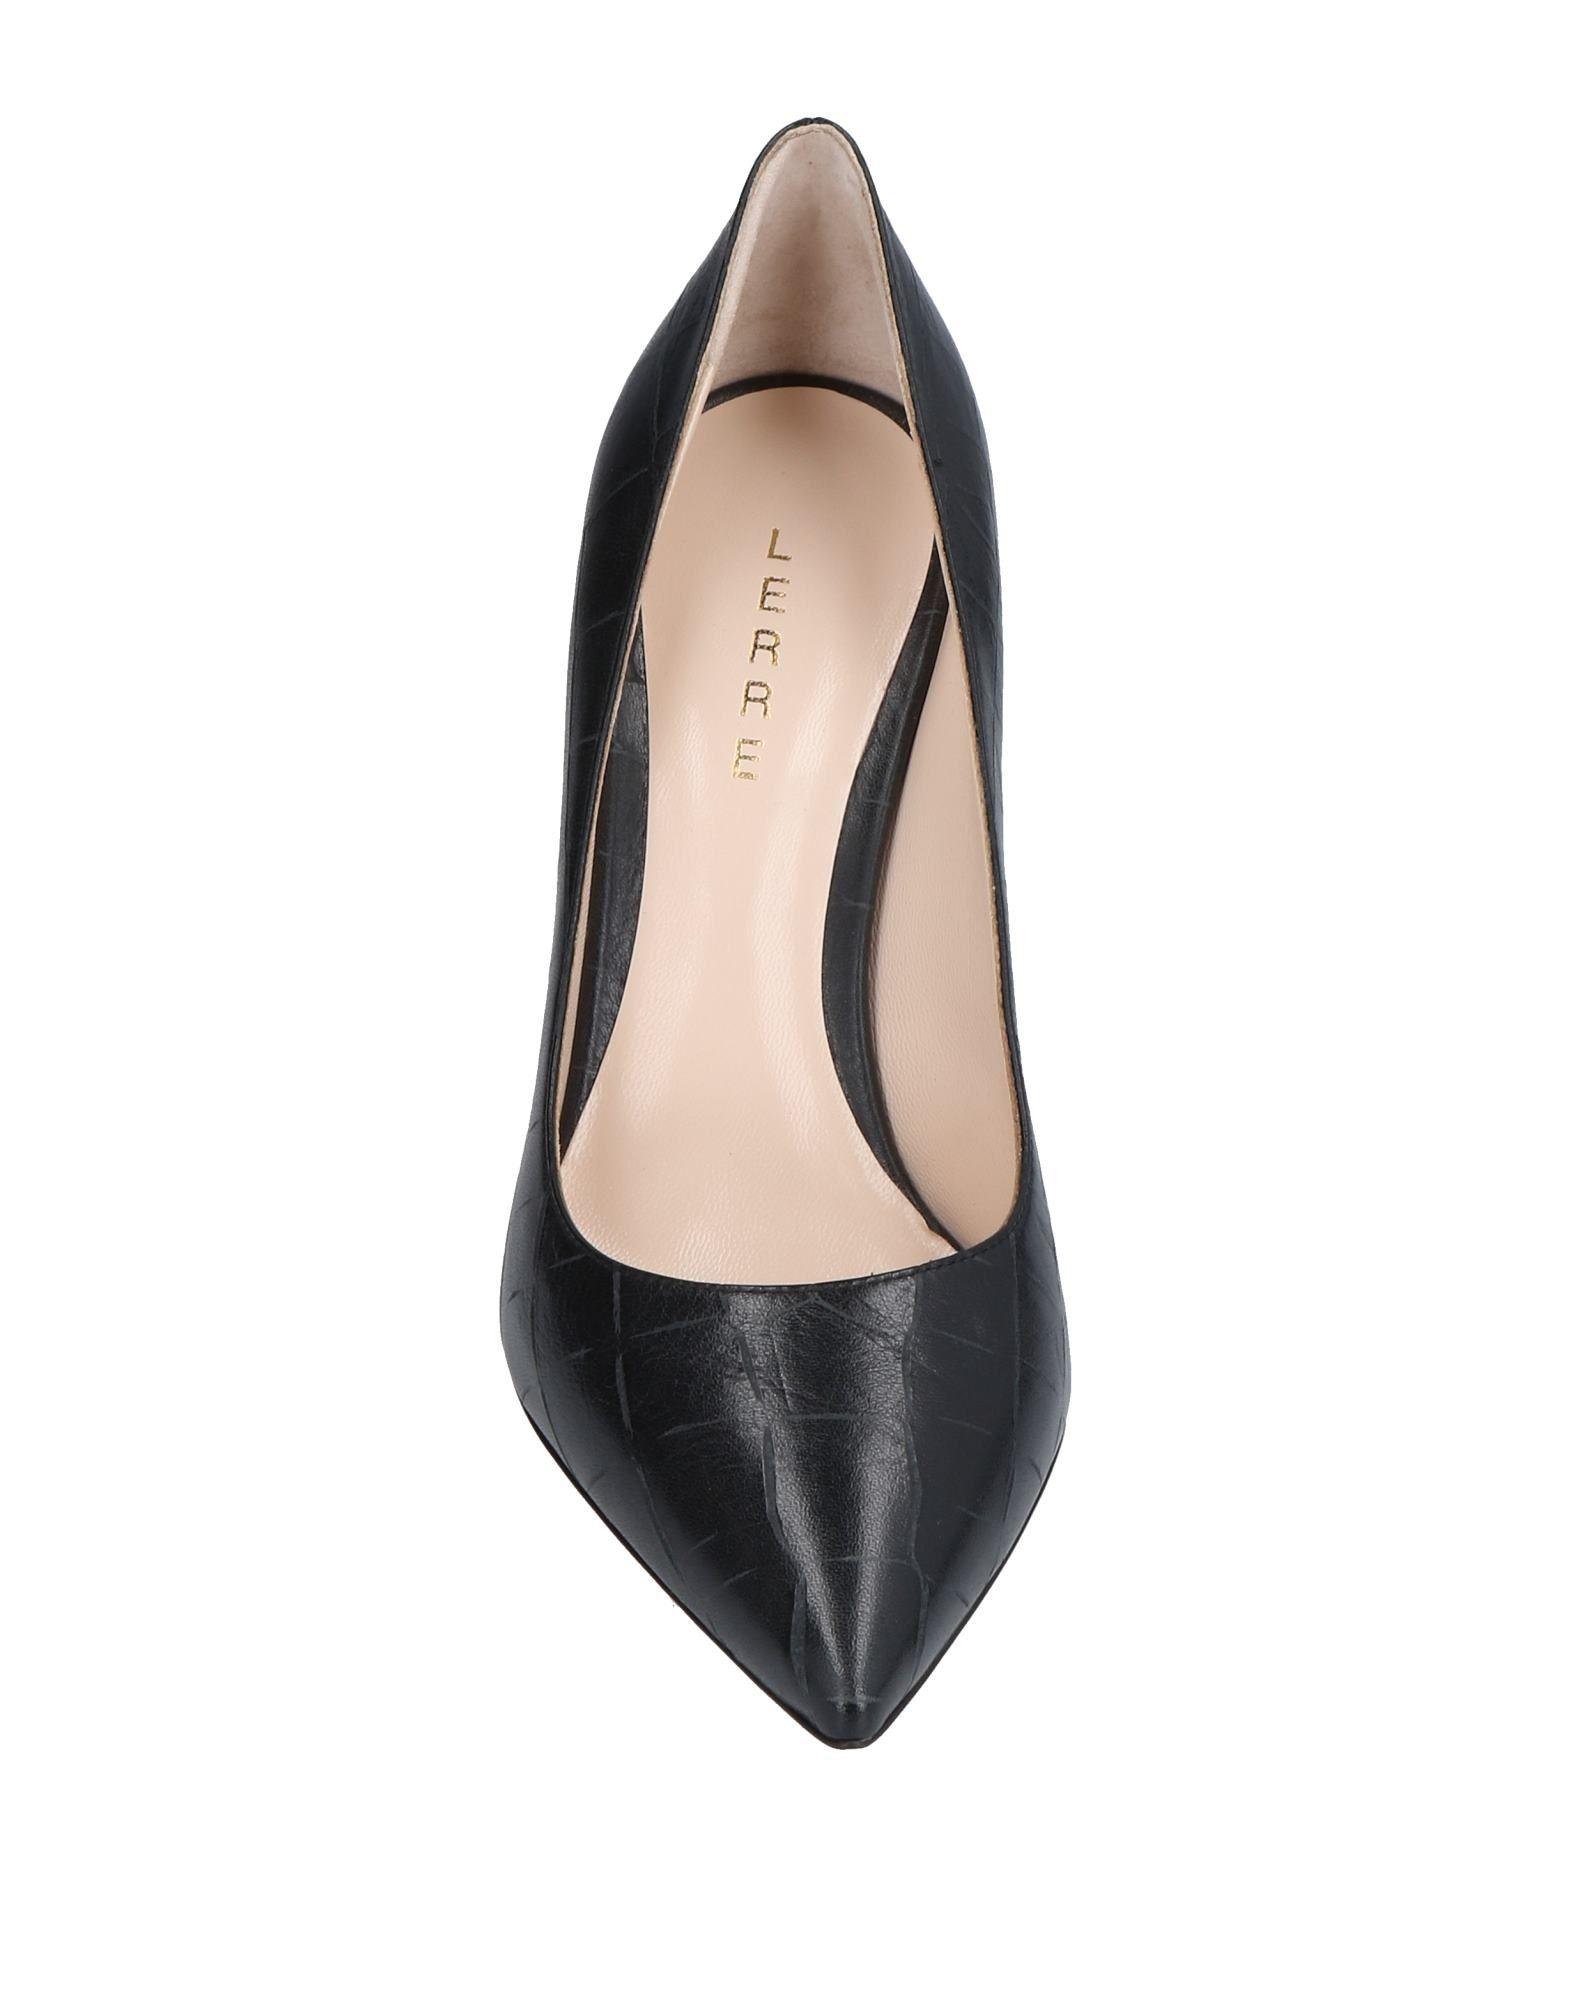 Lerre Pumps Damen  11499802WNGut Schuhe aussehende strapazierfähige Schuhe 11499802WNGut 66710e